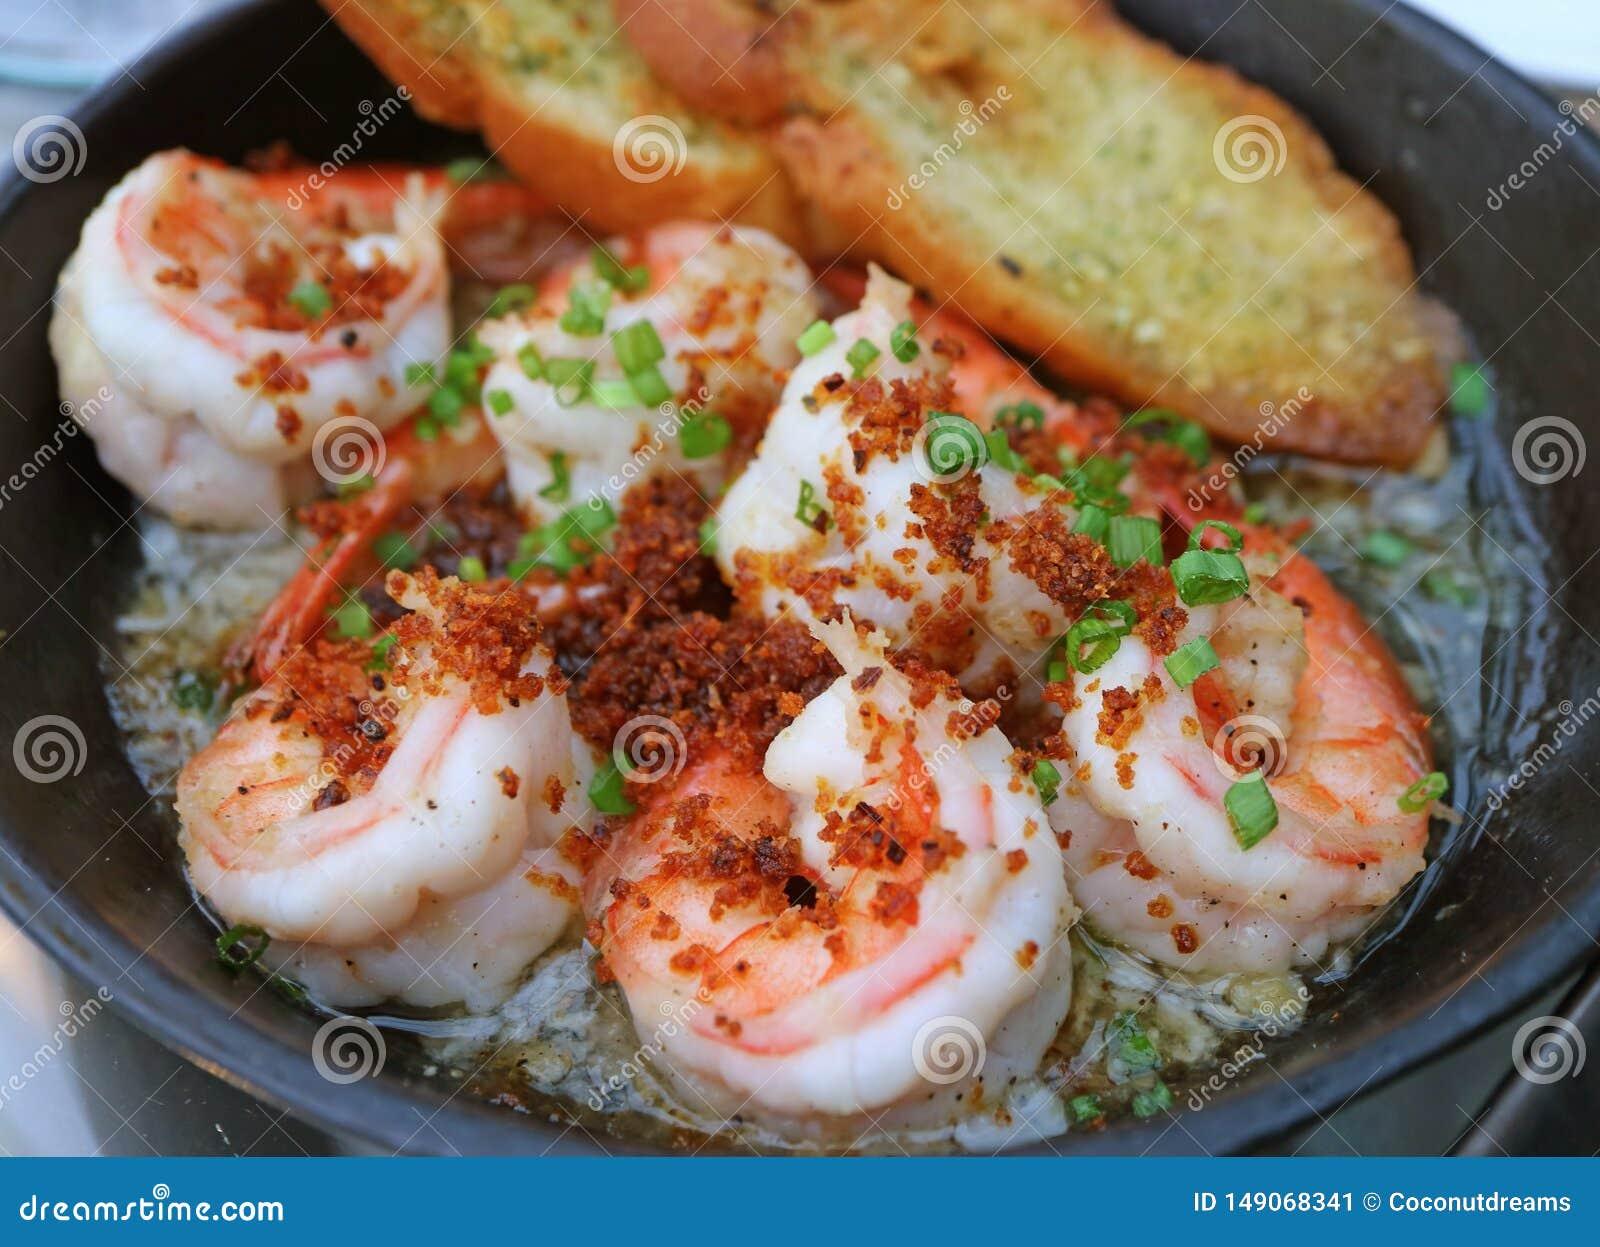 Ισπανικό γαρίδες σκόρδου ύφους Mouthwatering ή Gambas Al Ajillo σε ένα καυτό τηγάνι